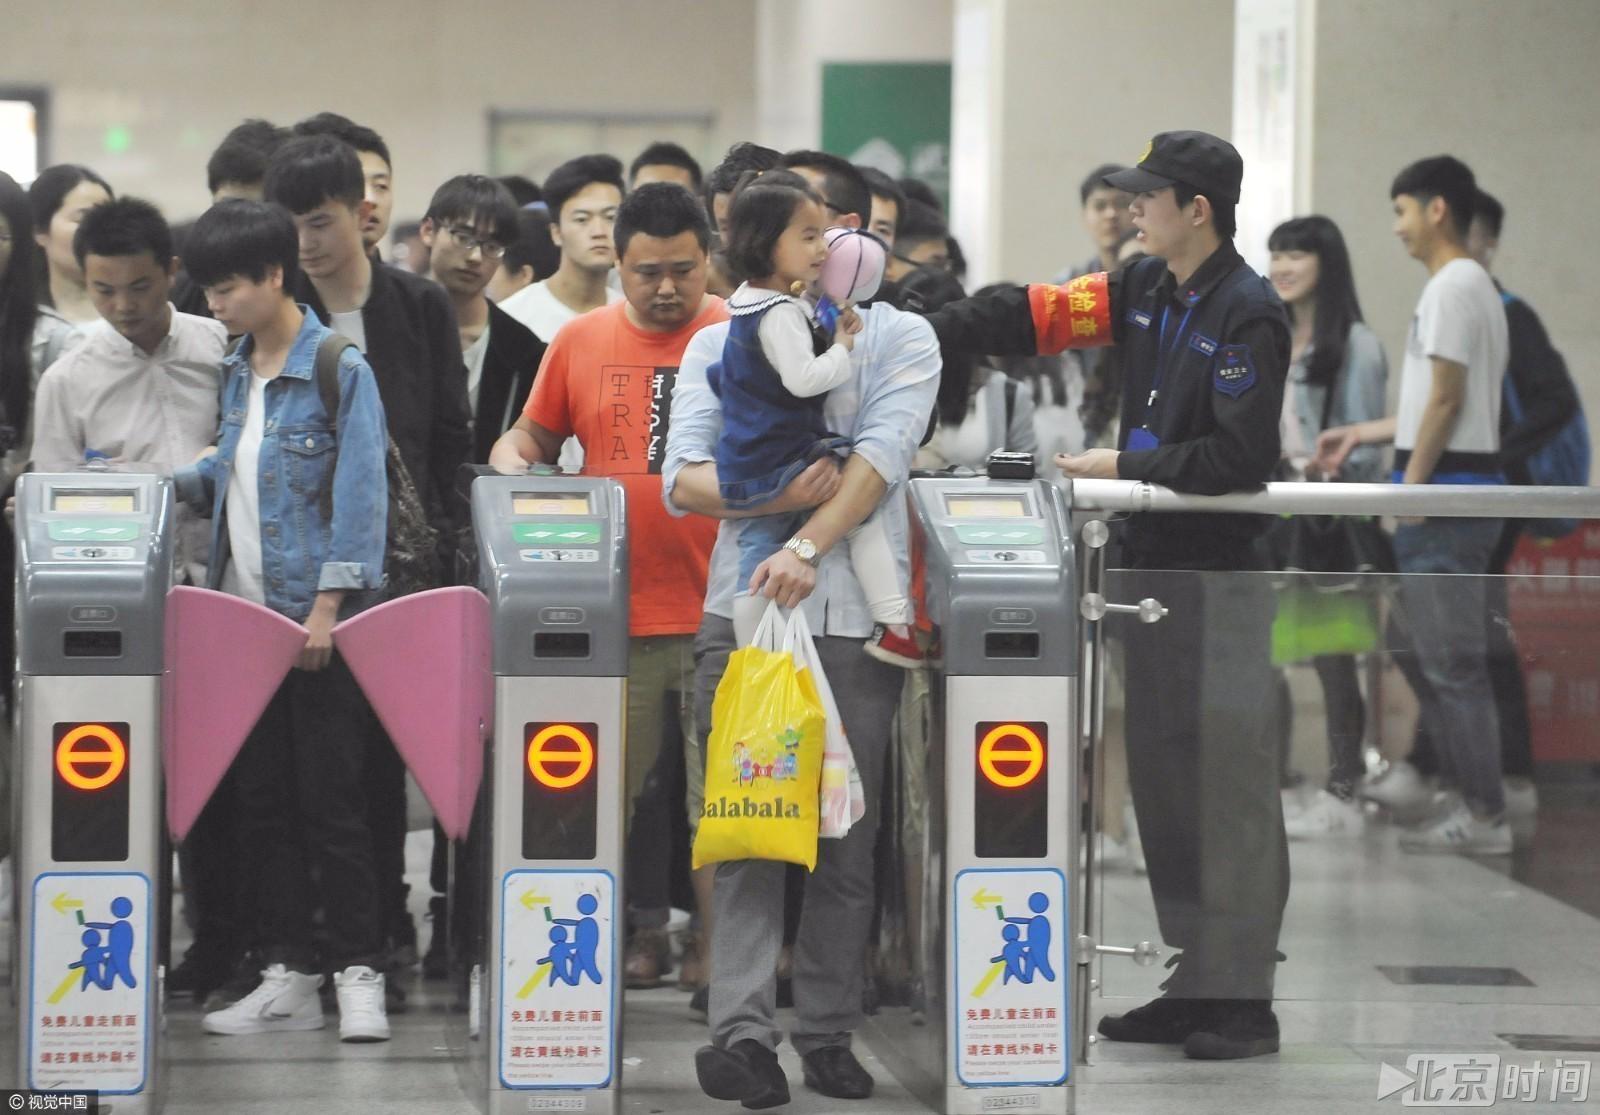 【转】北京时间      武汉地铁站内 男童内急站垃圾桶解决 - 妙康居士 - 妙康居士~晴樵雪读的博客